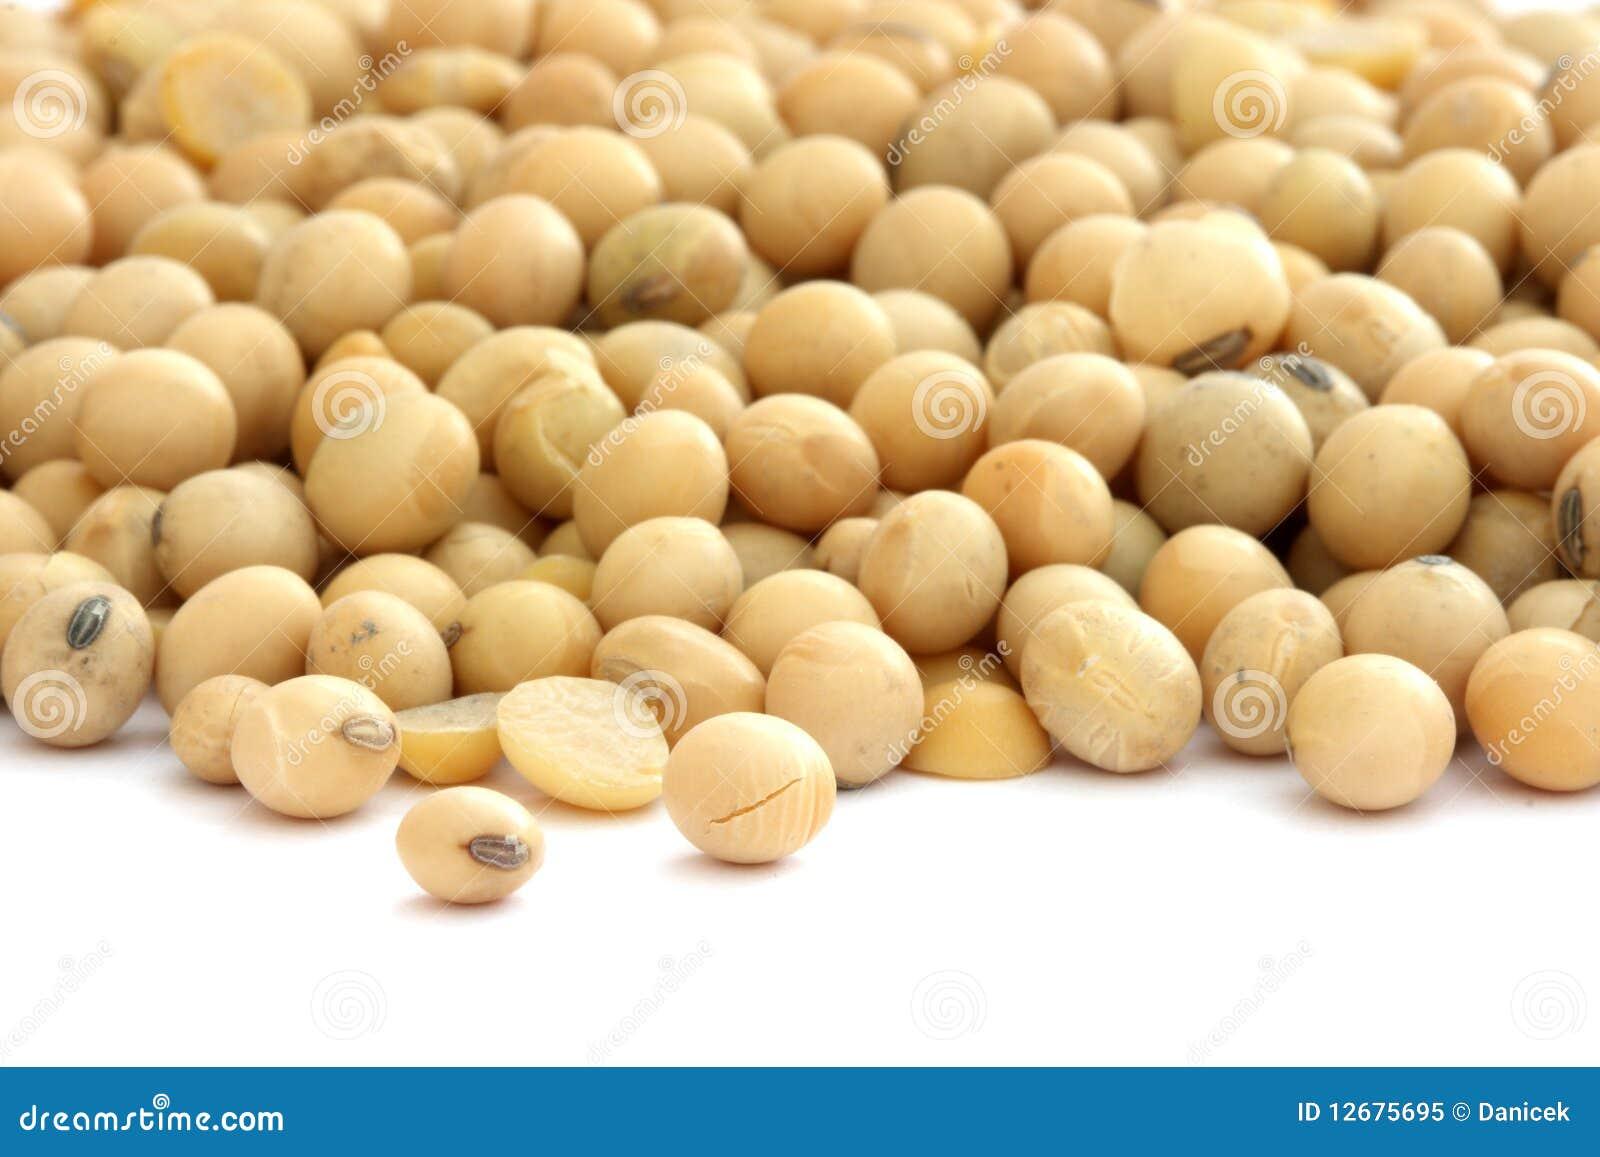 豆大豆白色